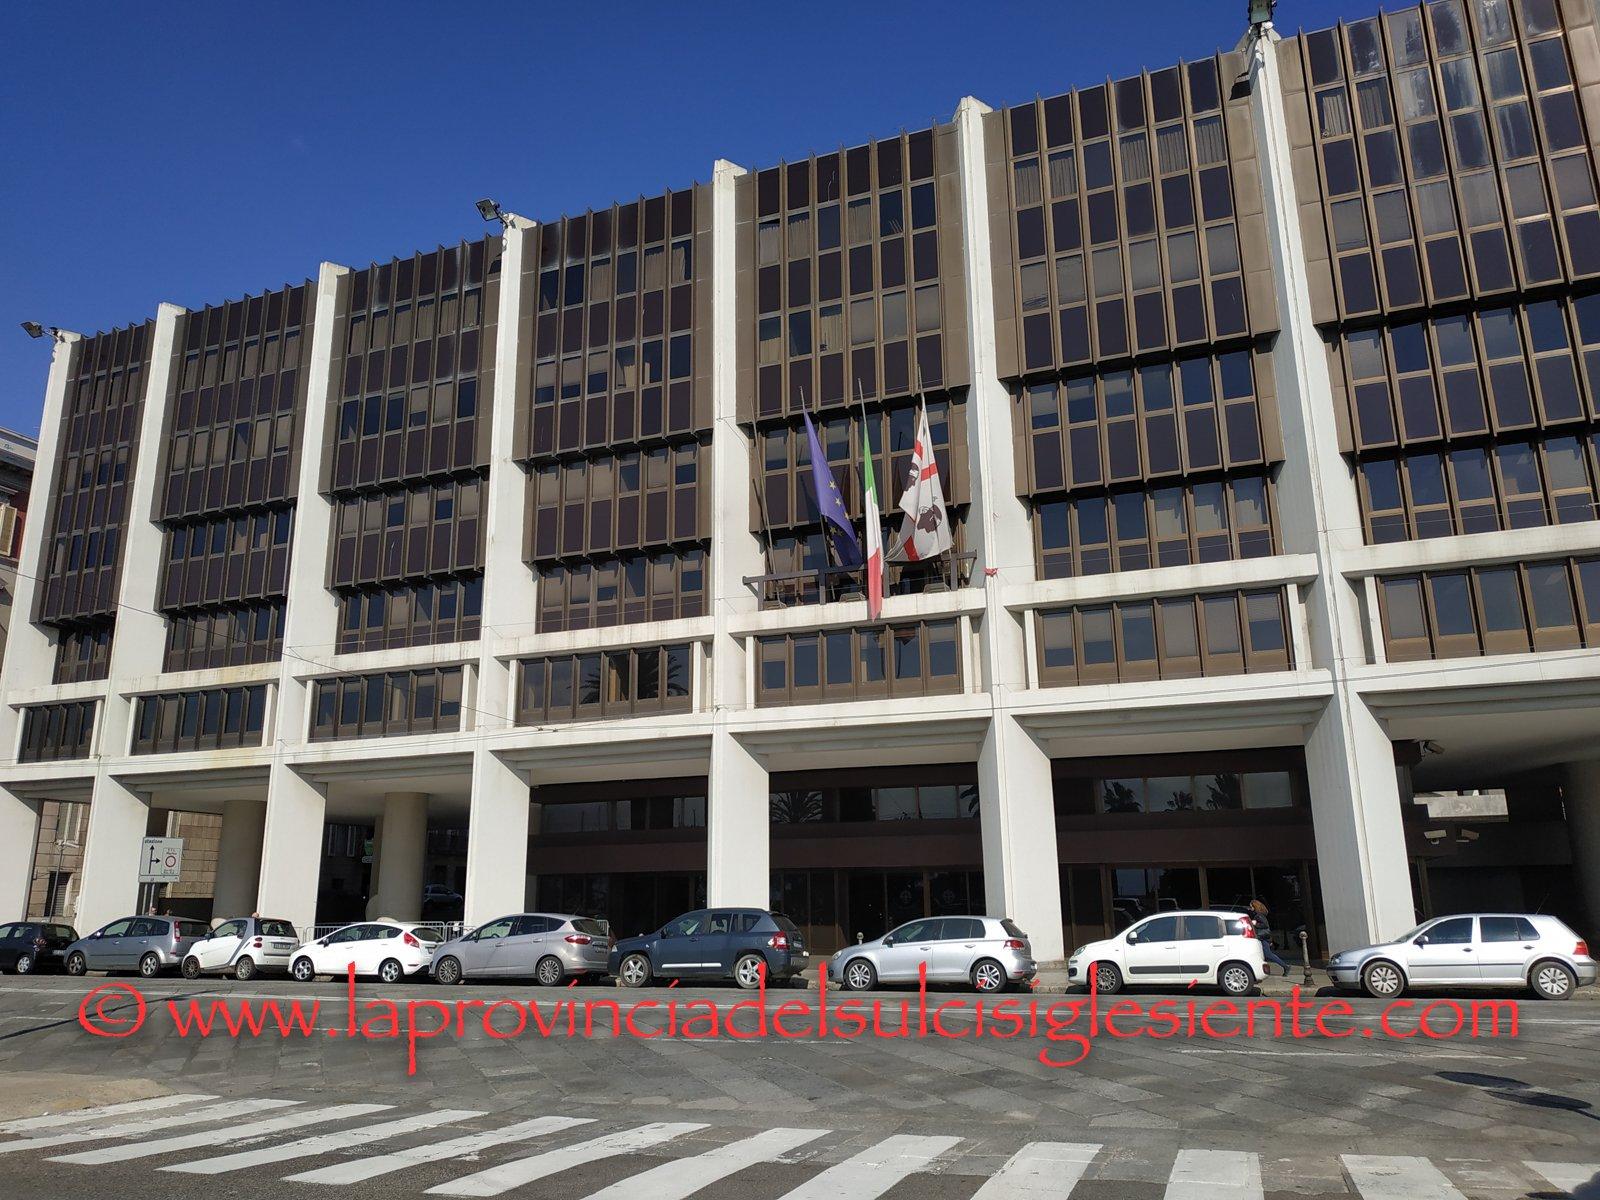 """Lunedì 21 ottobre, la sala transatlantico del Consiglio regionale ospiterà un convegno su """"Europa: Sardegna e questione insulare""""."""